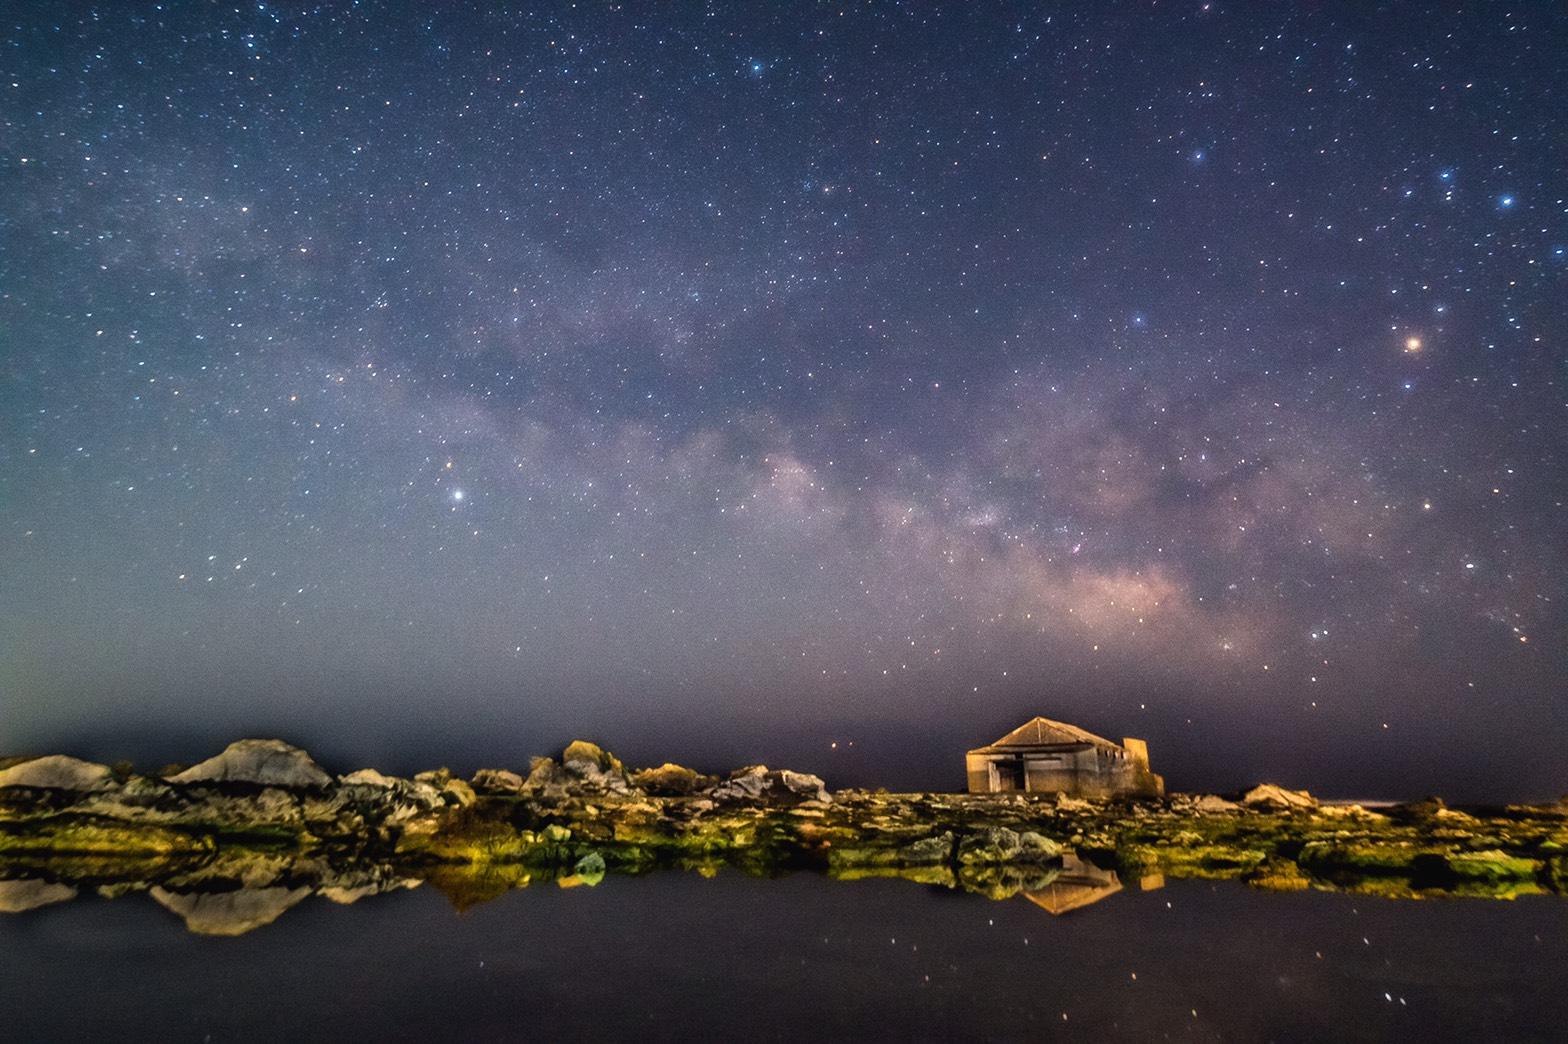 江見太夫崎の天の川撮影スポットはどこ?【駐車場や撮影時期・時間を解説】